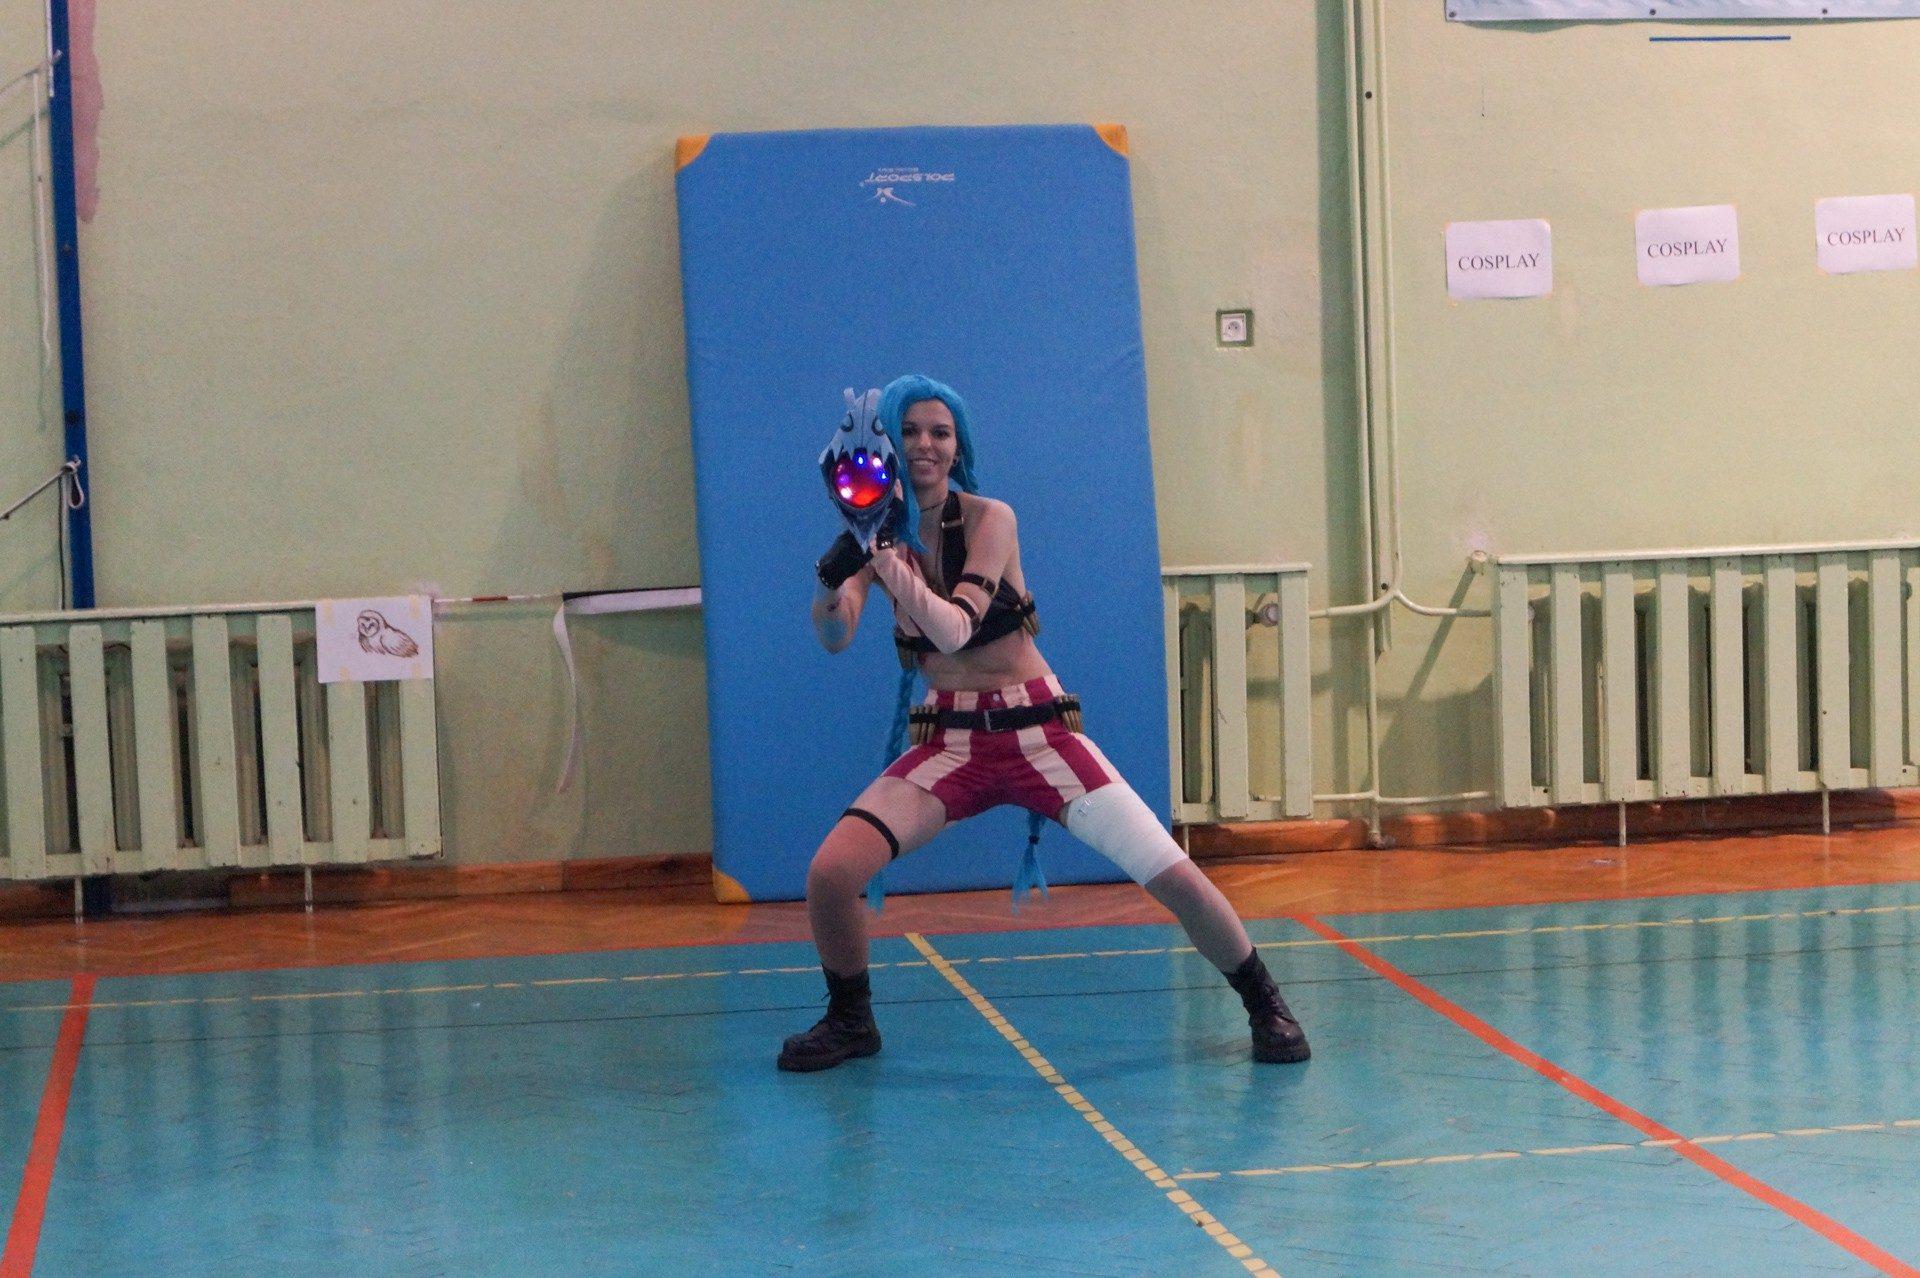 Arkhamer cosplay